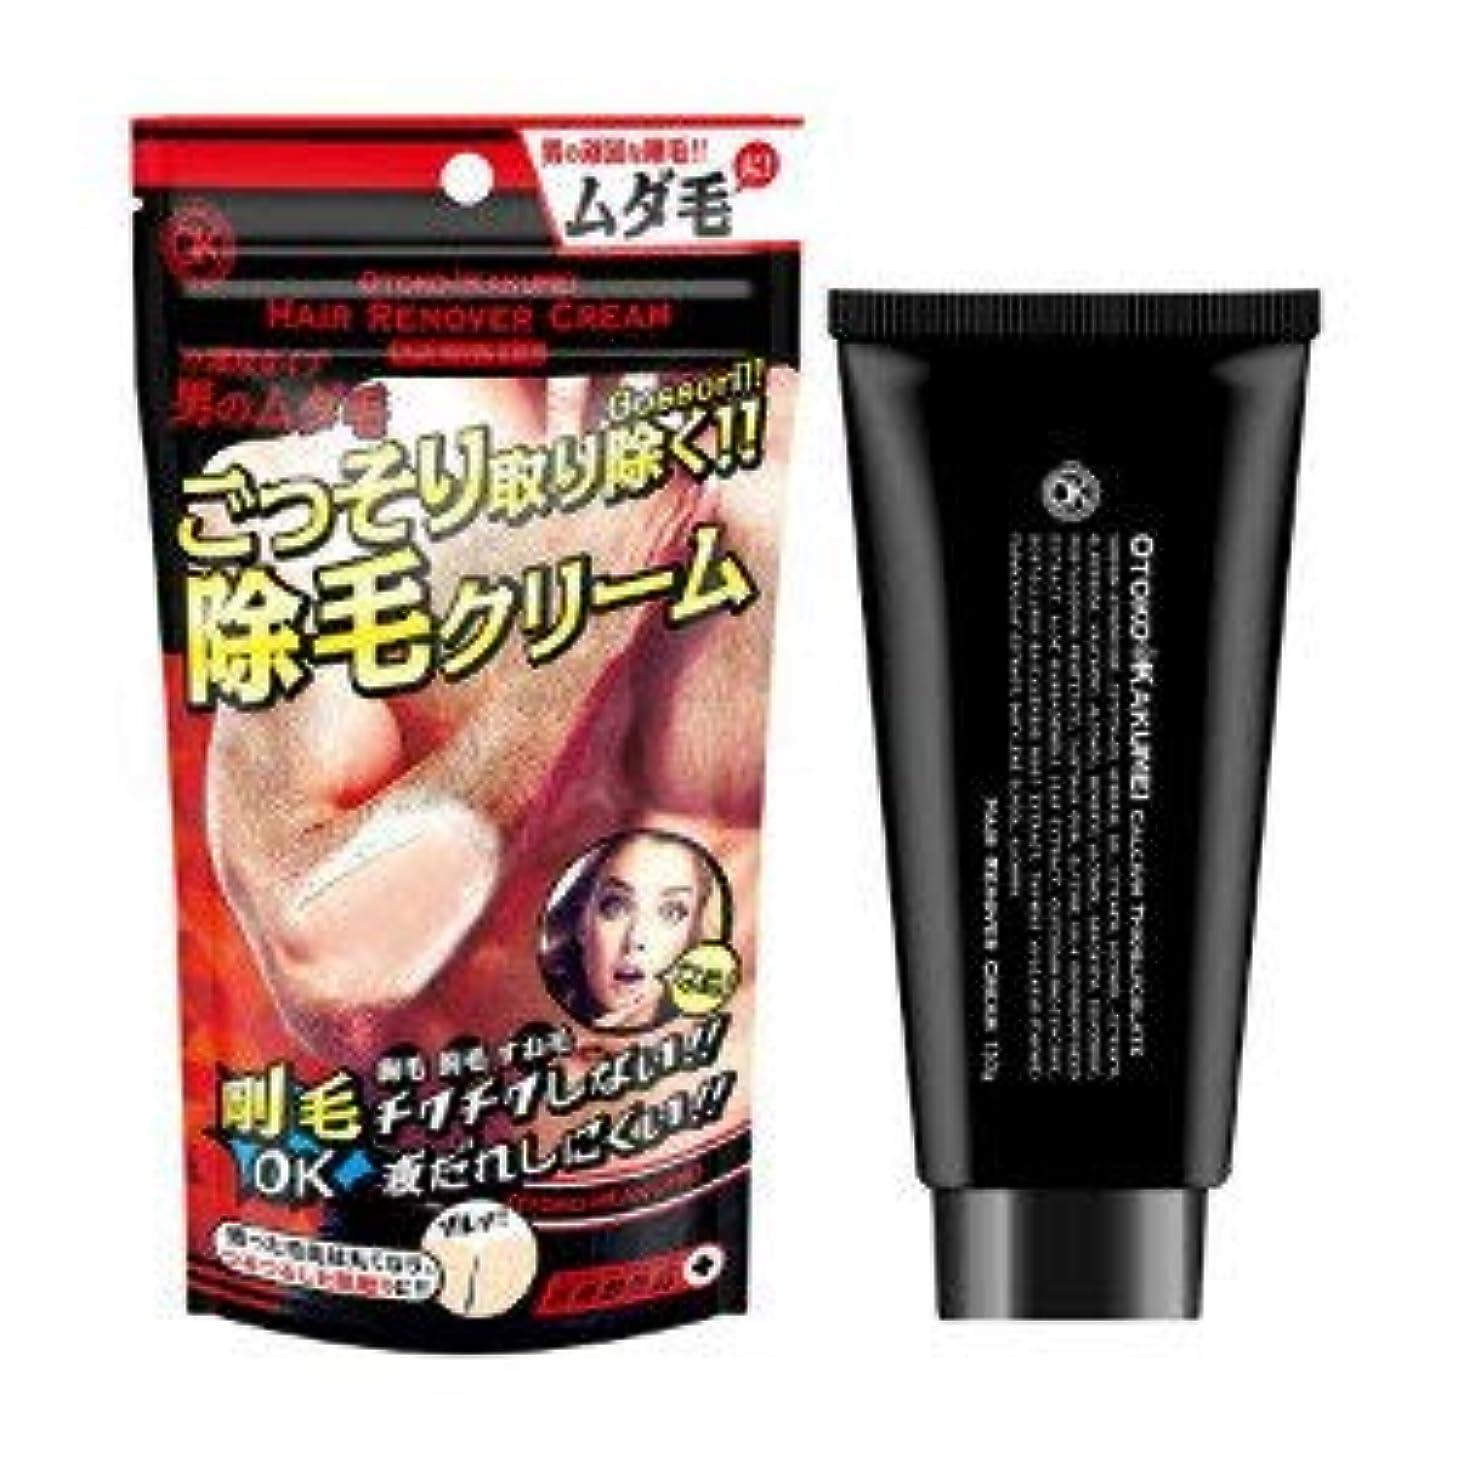 蒸留権限を与える後ろにGR OTOKO KAKUMEI ヘアリムーバークリーム 130g×5個セット (医薬部外品)